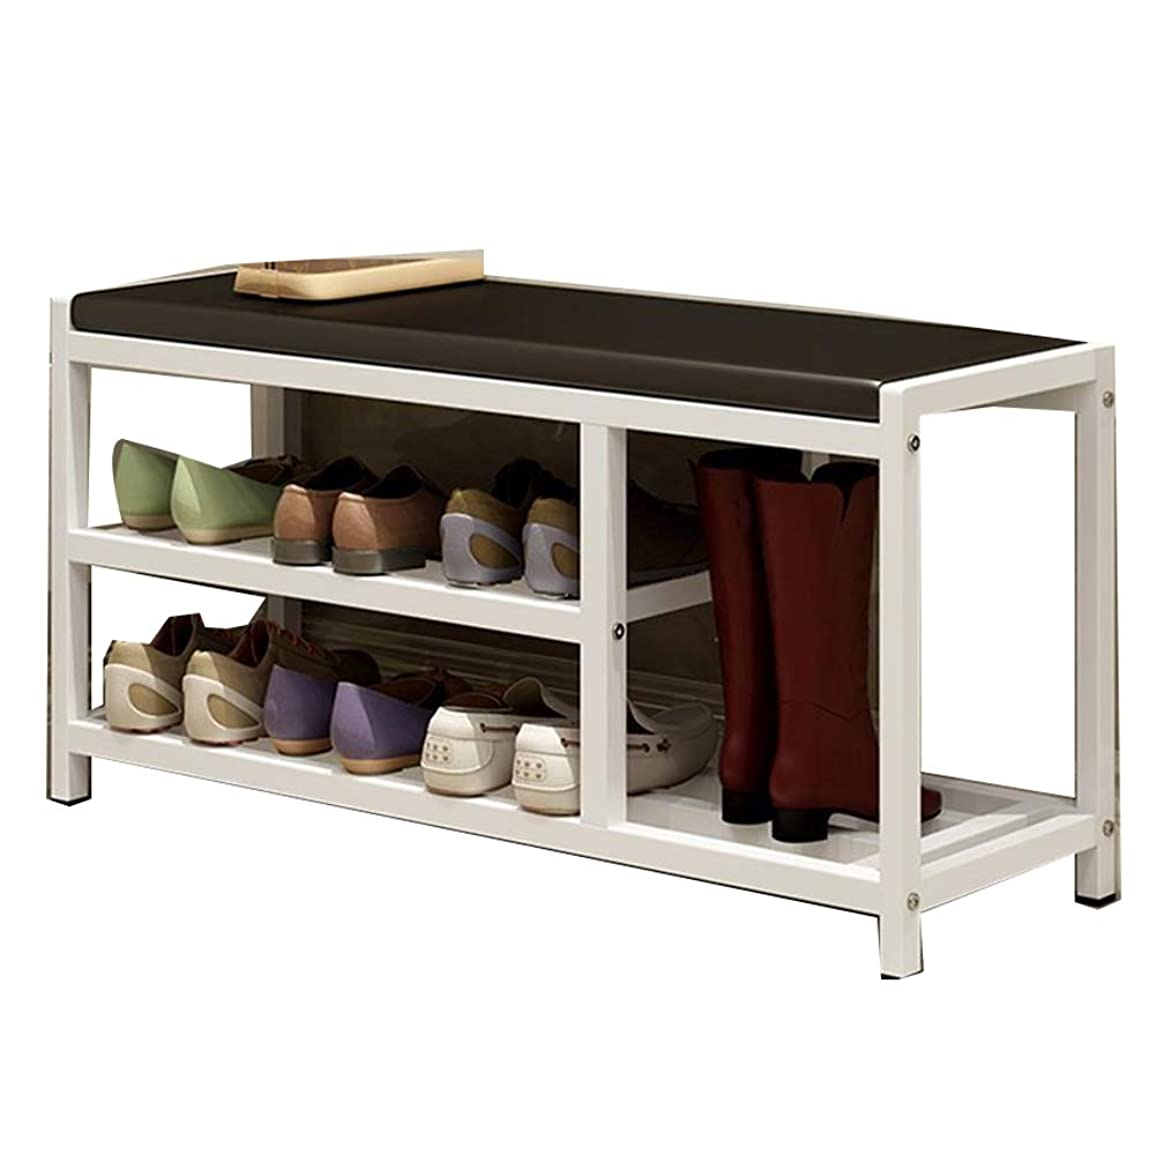 引く真実そしてBNSDMM 靴の棚-靴のベンチ/靴のベンチの鉄の靴の棚の多層世帯の貯蔵の棚の靴の棚の永続的な貯蔵85x30x43cmを変えて下さい (Color : White)